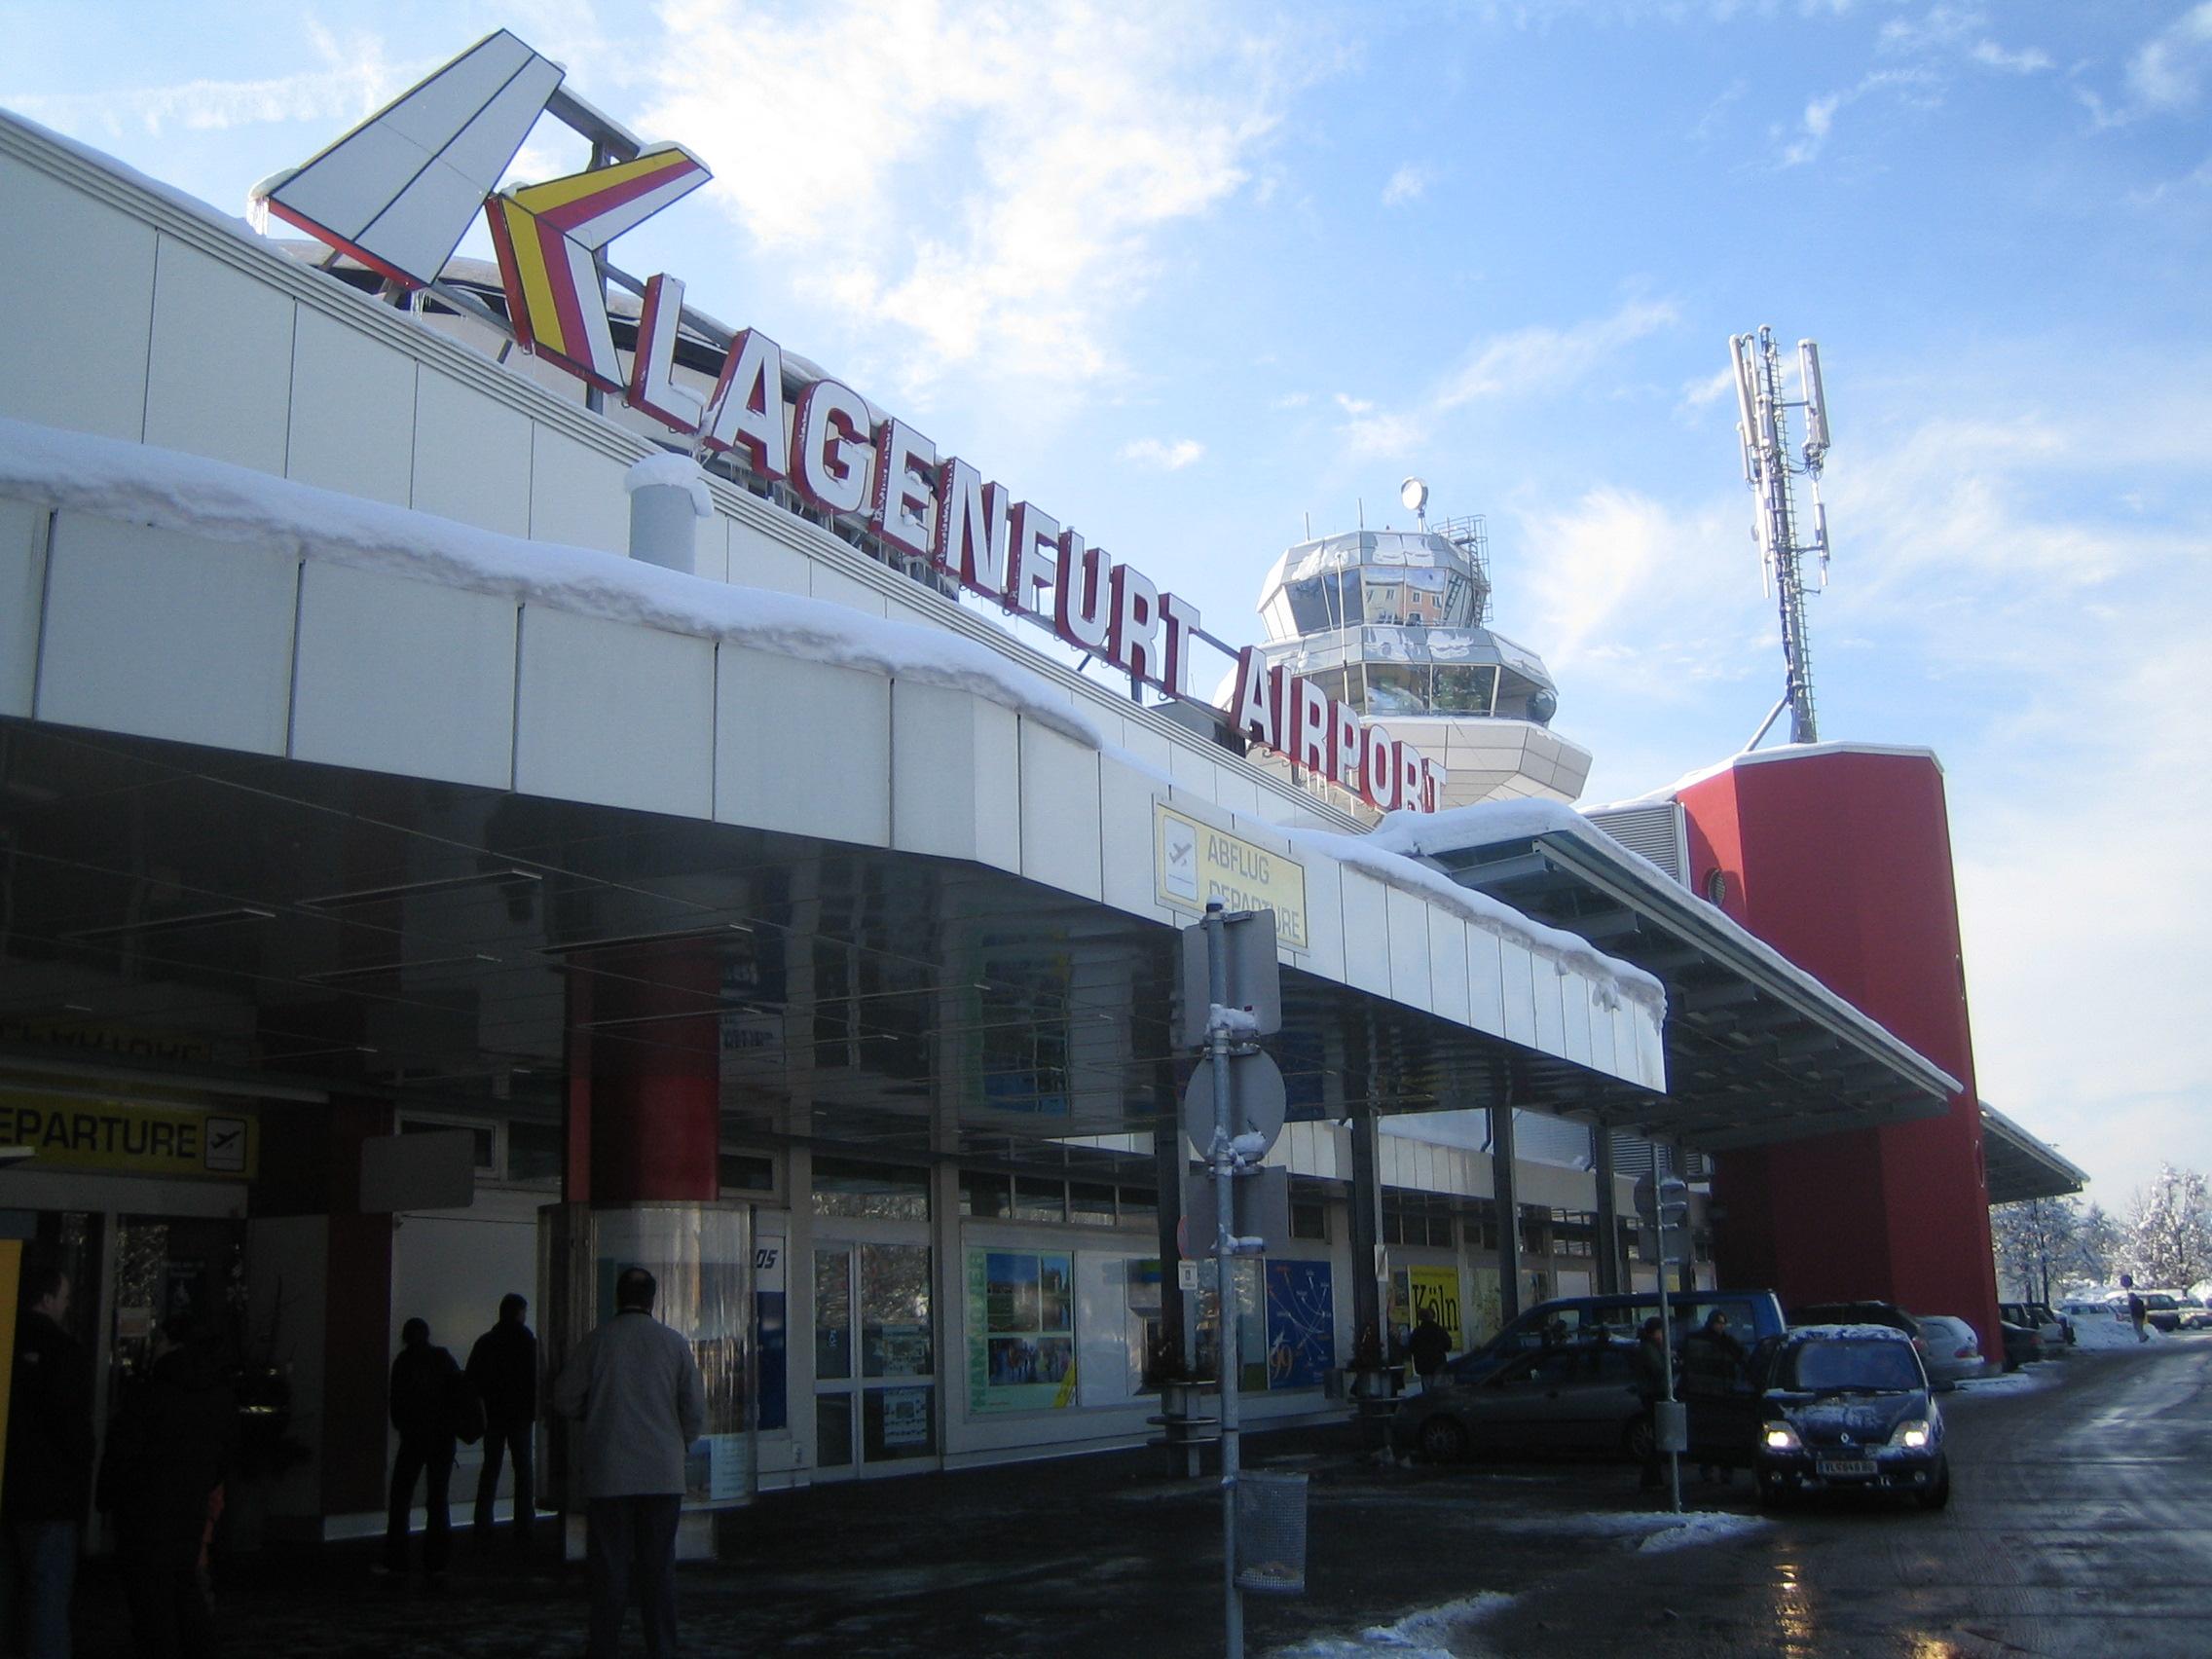 Aeropuerto Klagenfurt (Klagenfurt Aeropuerto) .1